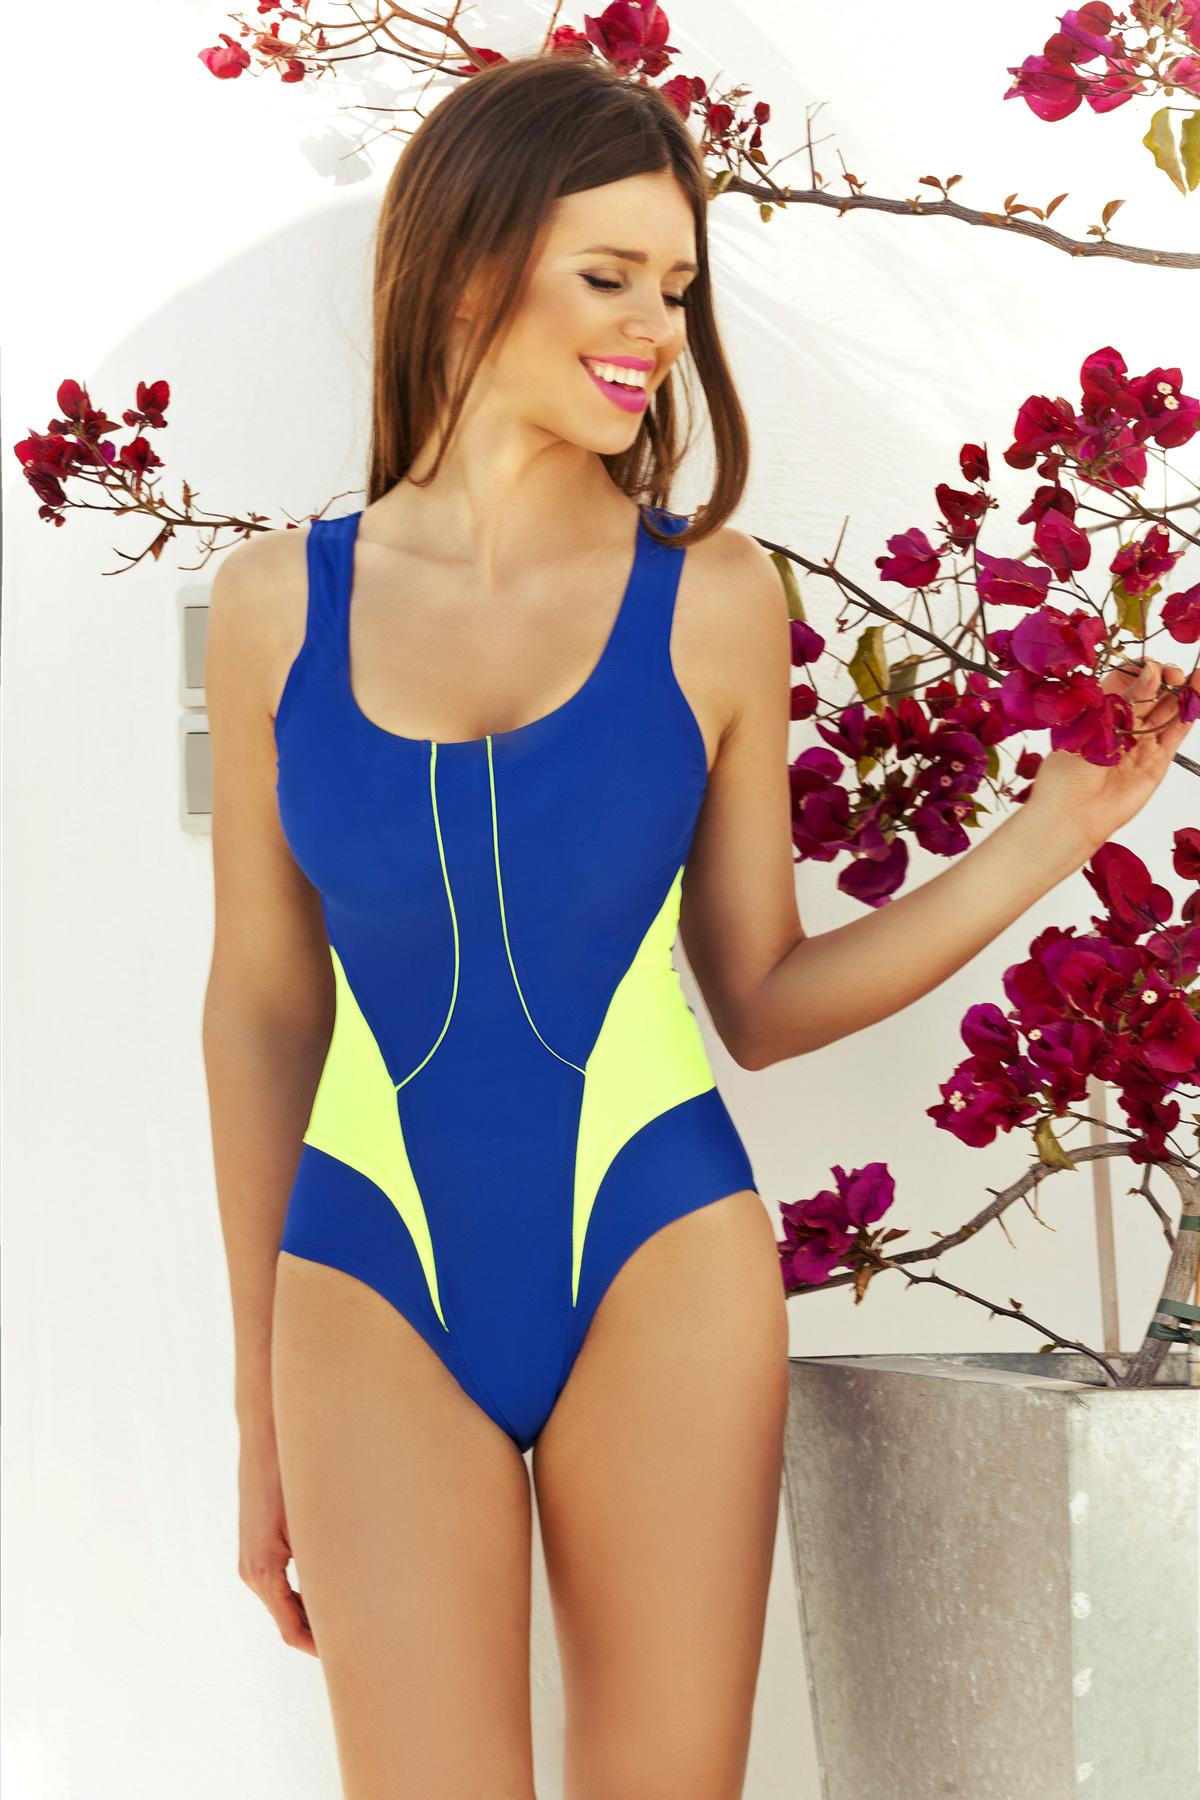 f09736acf8a Dámské jednodílné plavky Nancy 2 - Eurofala - Modro-žlutá 36 empty